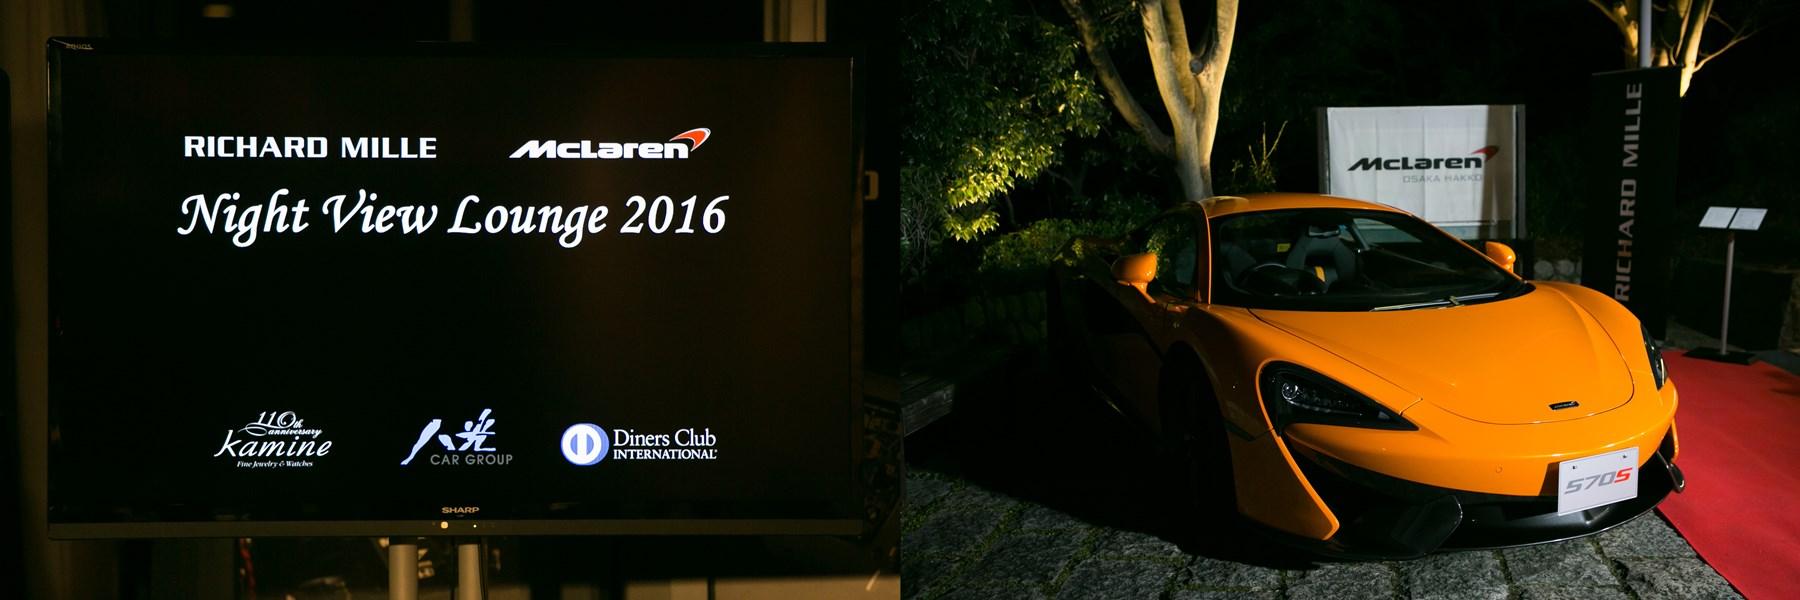 161215mclaren_night-view-lounge2016